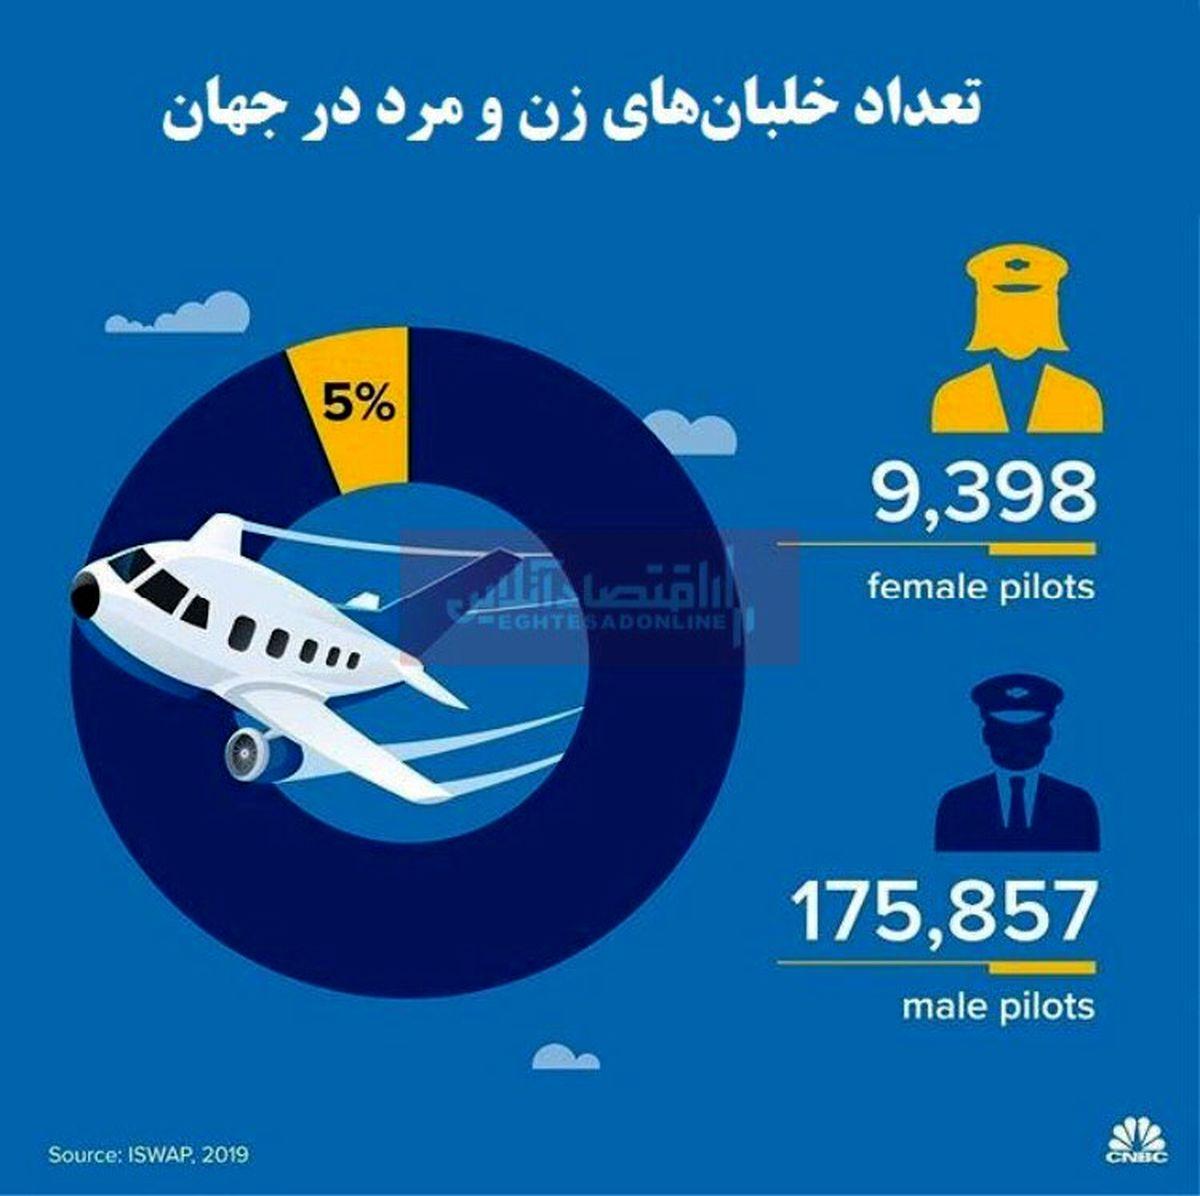 صنعت هواپیمایی جهان از کمبود خلبان رنج خواهد برد